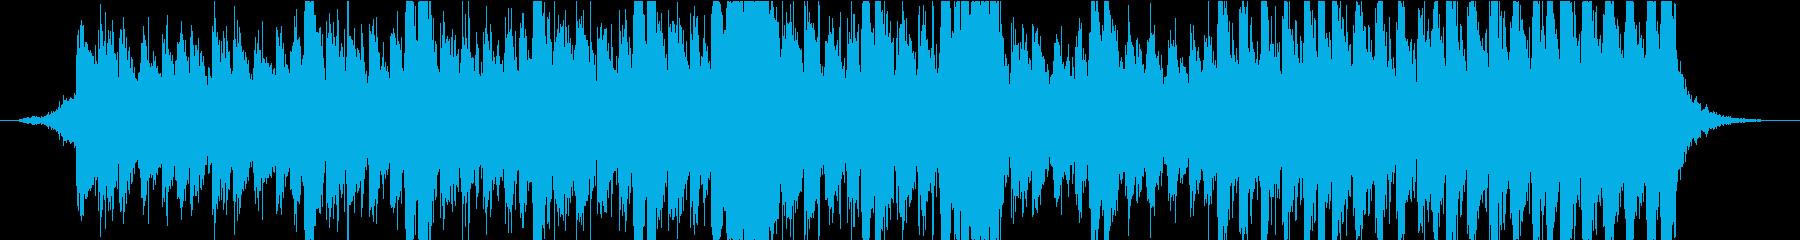 打楽器と管弦楽器による緊迫感のある楽曲の再生済みの波形